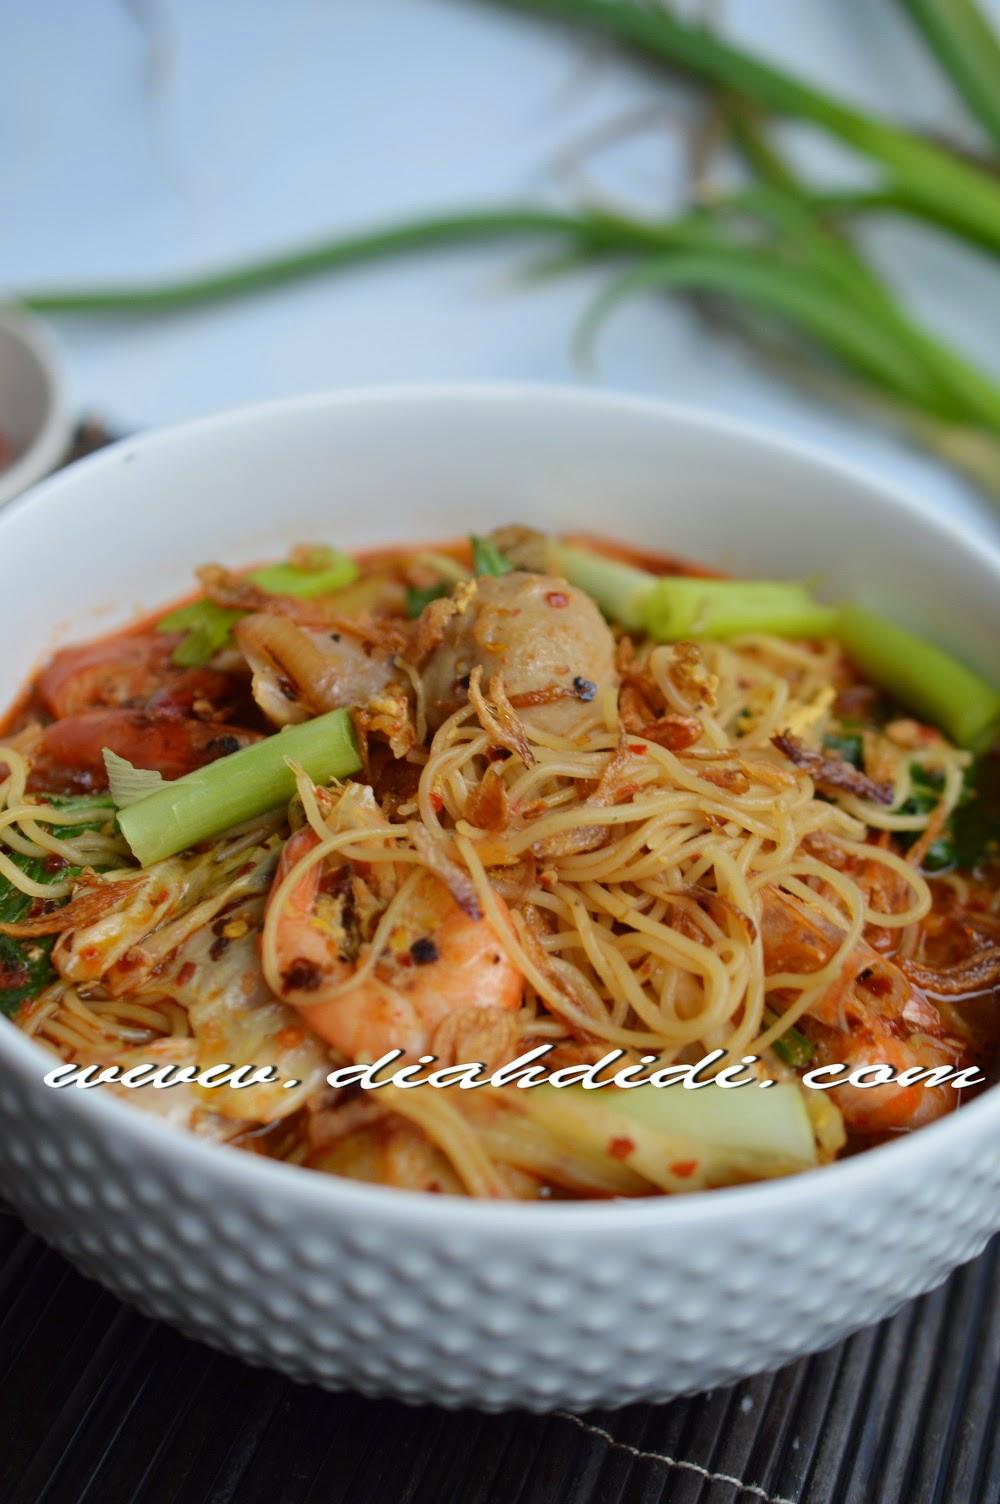 resep masakan bihun goreng pedas resep manis masakan indonesia Resepi Mee Hoon Goreng Singapore Azie Kitchen Enak dan Mudah